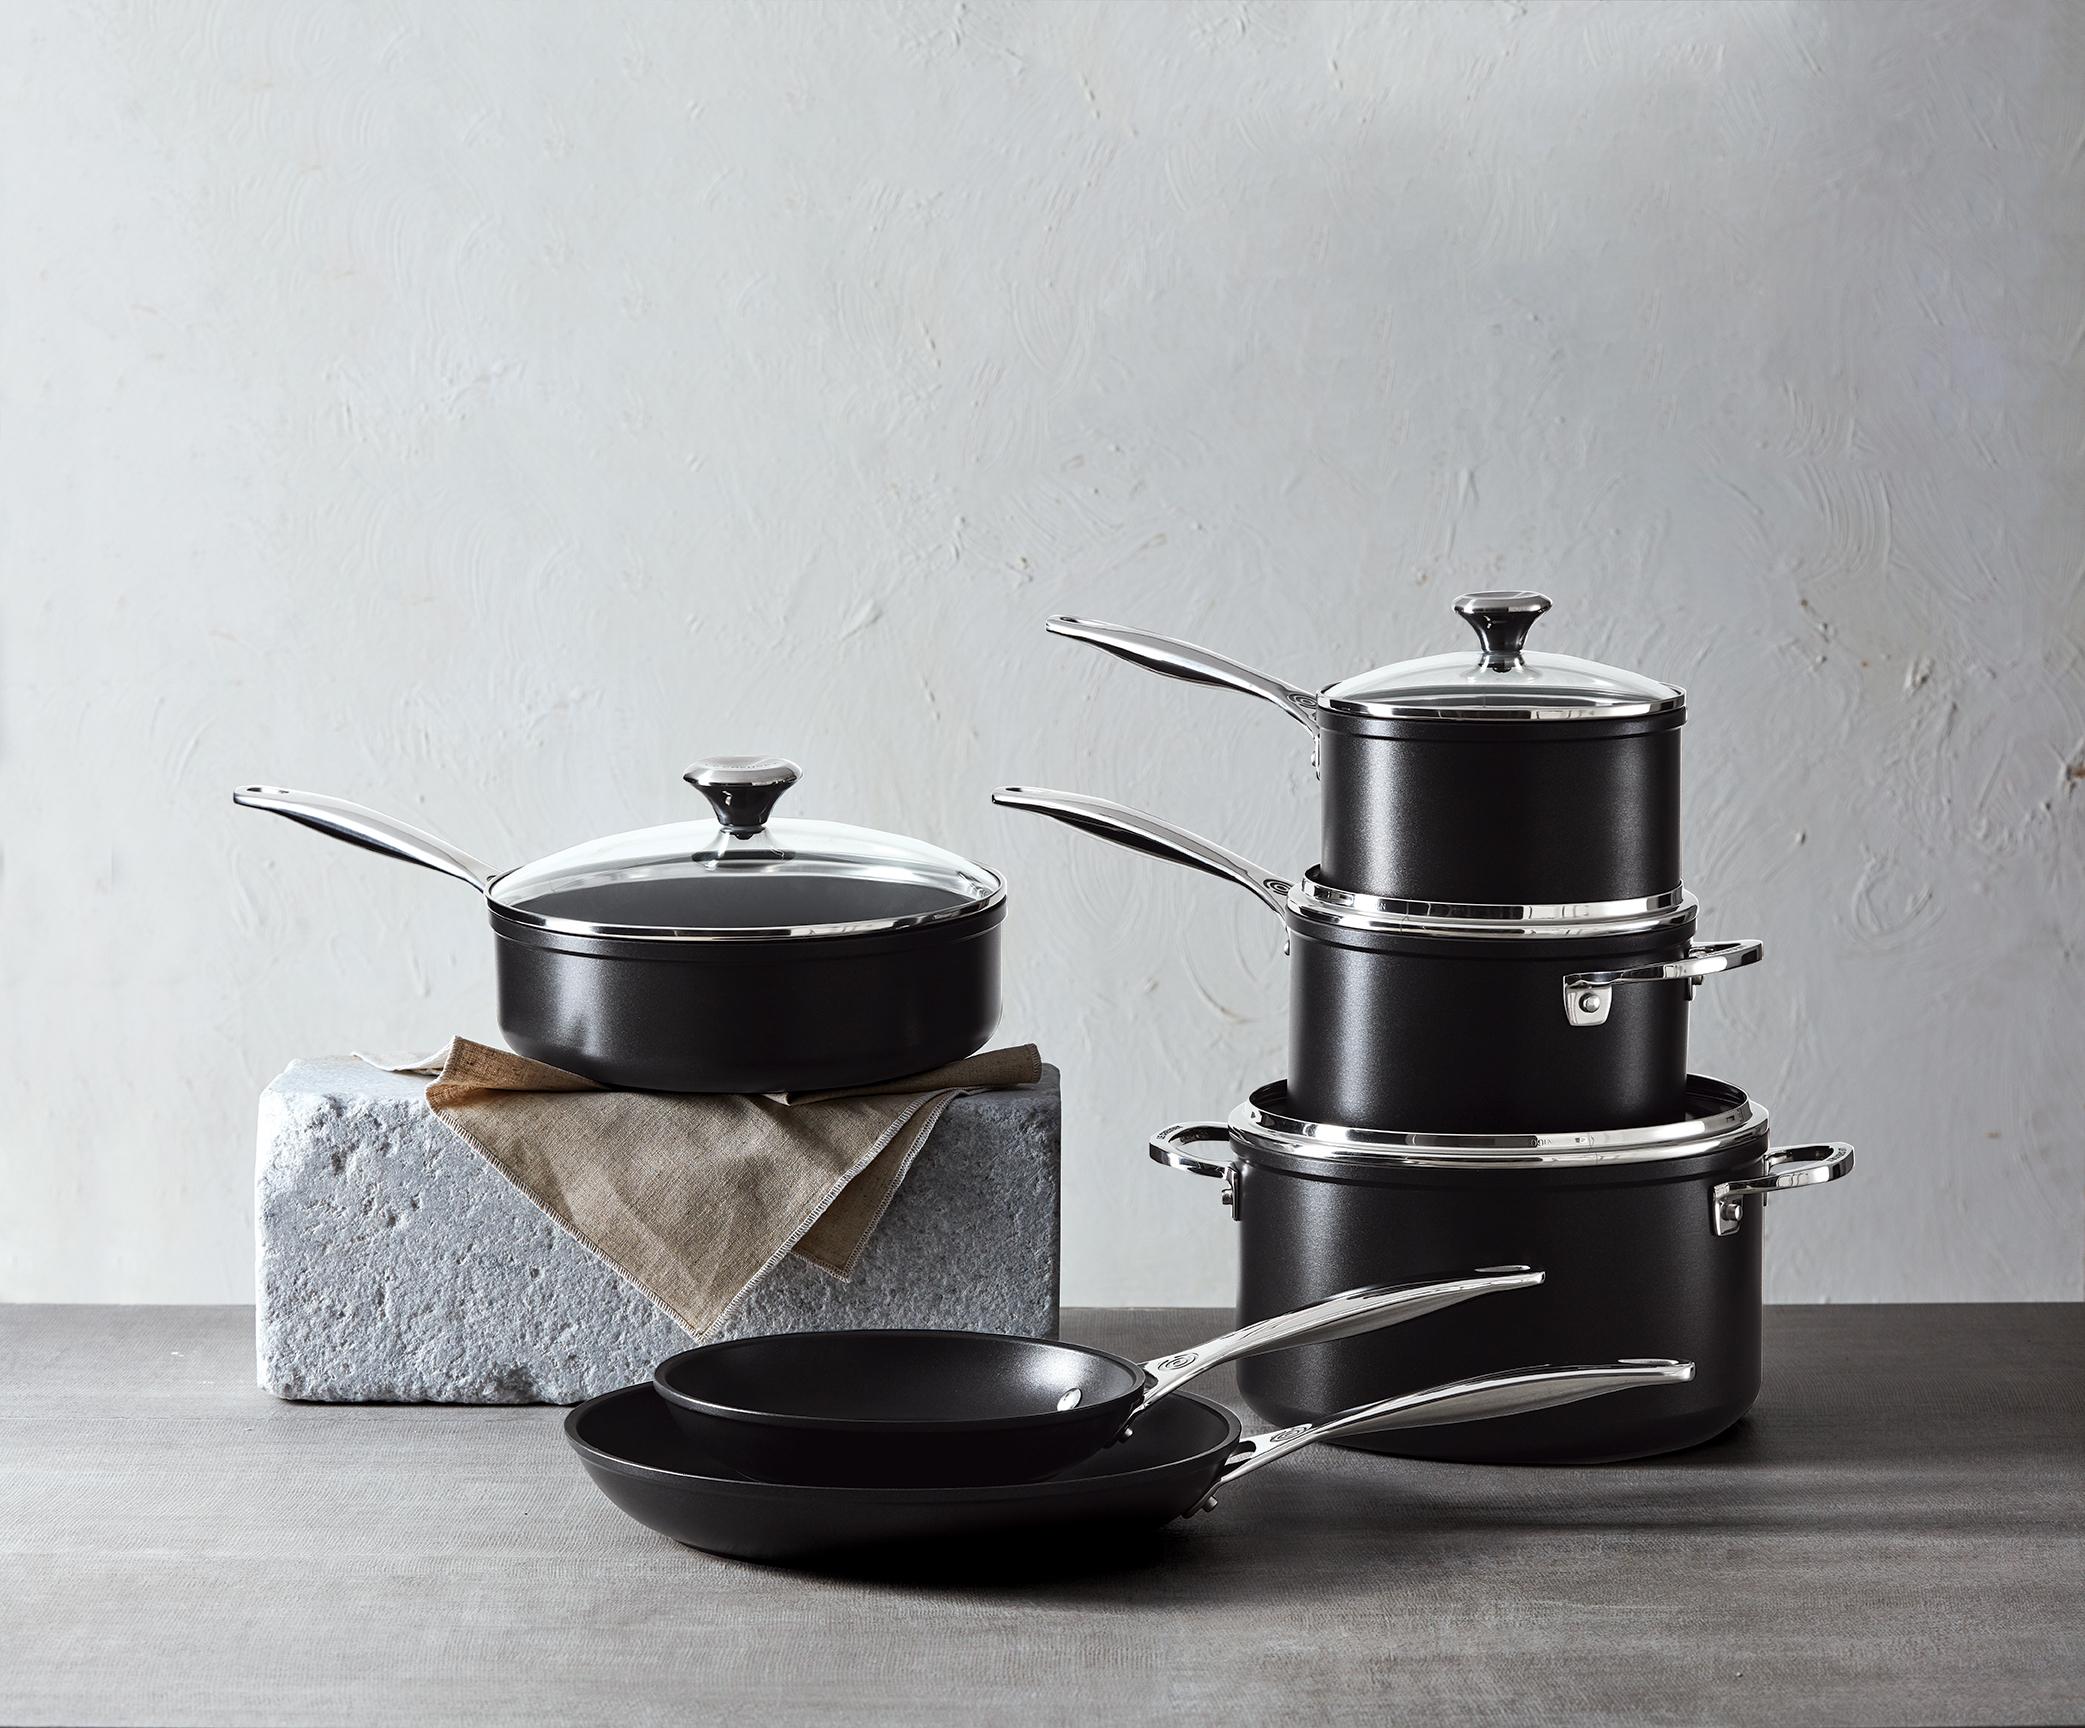 Le Creuset Archives | Kitchenware News & Housewares ...